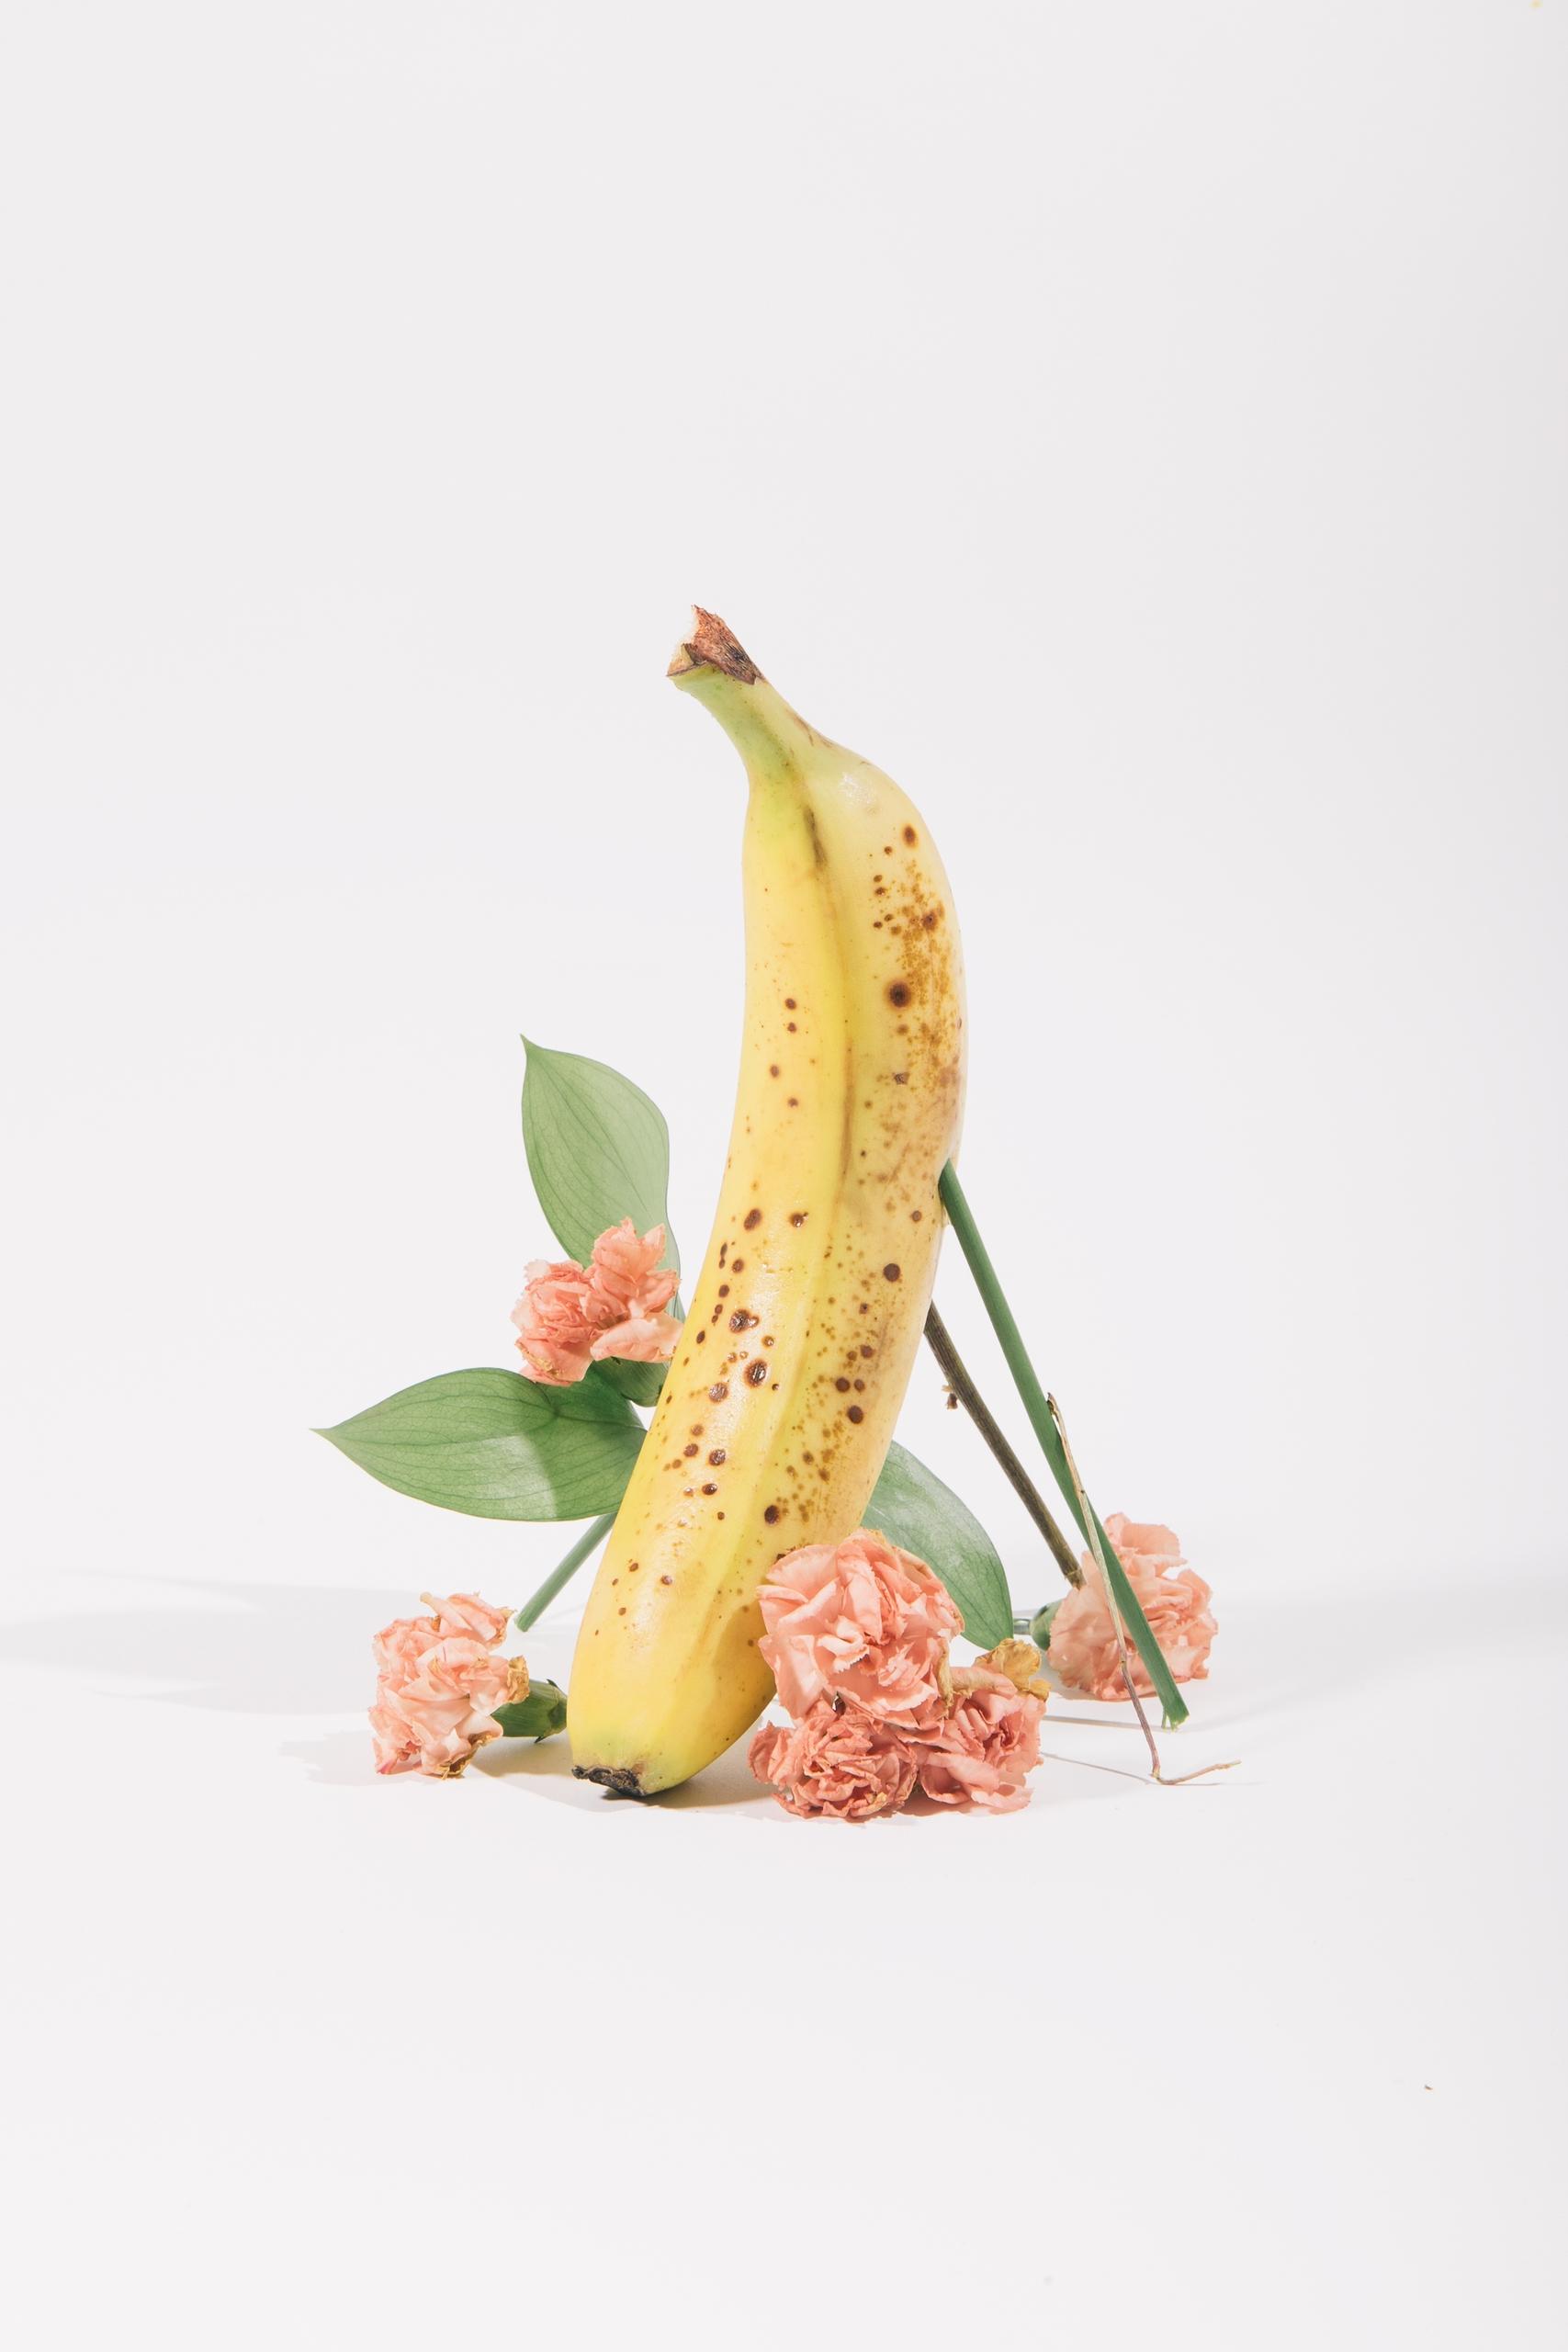 Banana Flowers bodega blocks 20 - grandboisk | ello